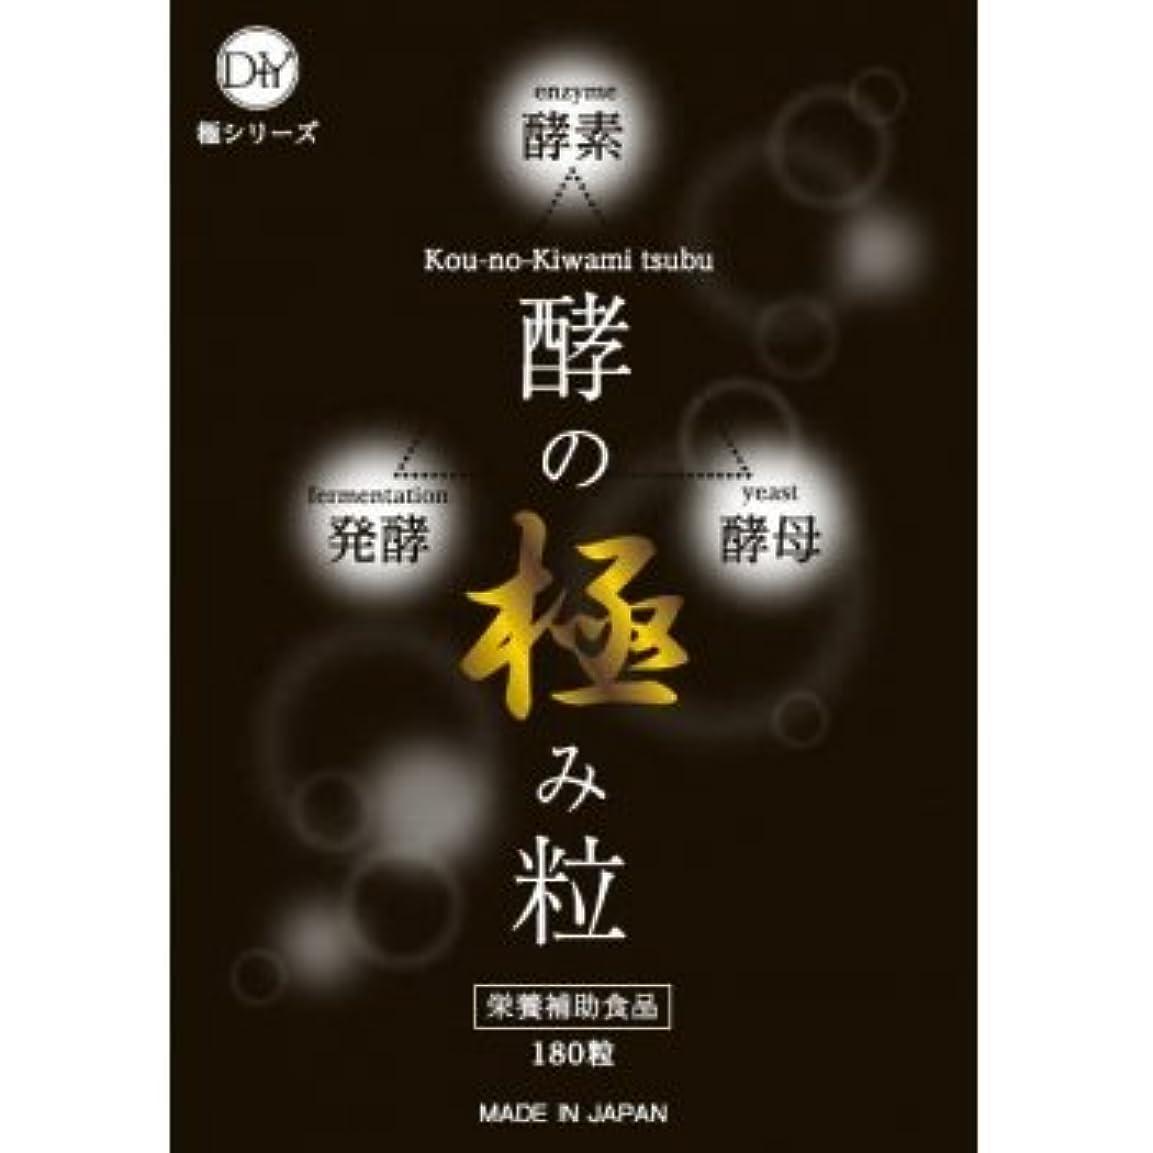 尾祝福するフォーク酵の極み粒 (2個)